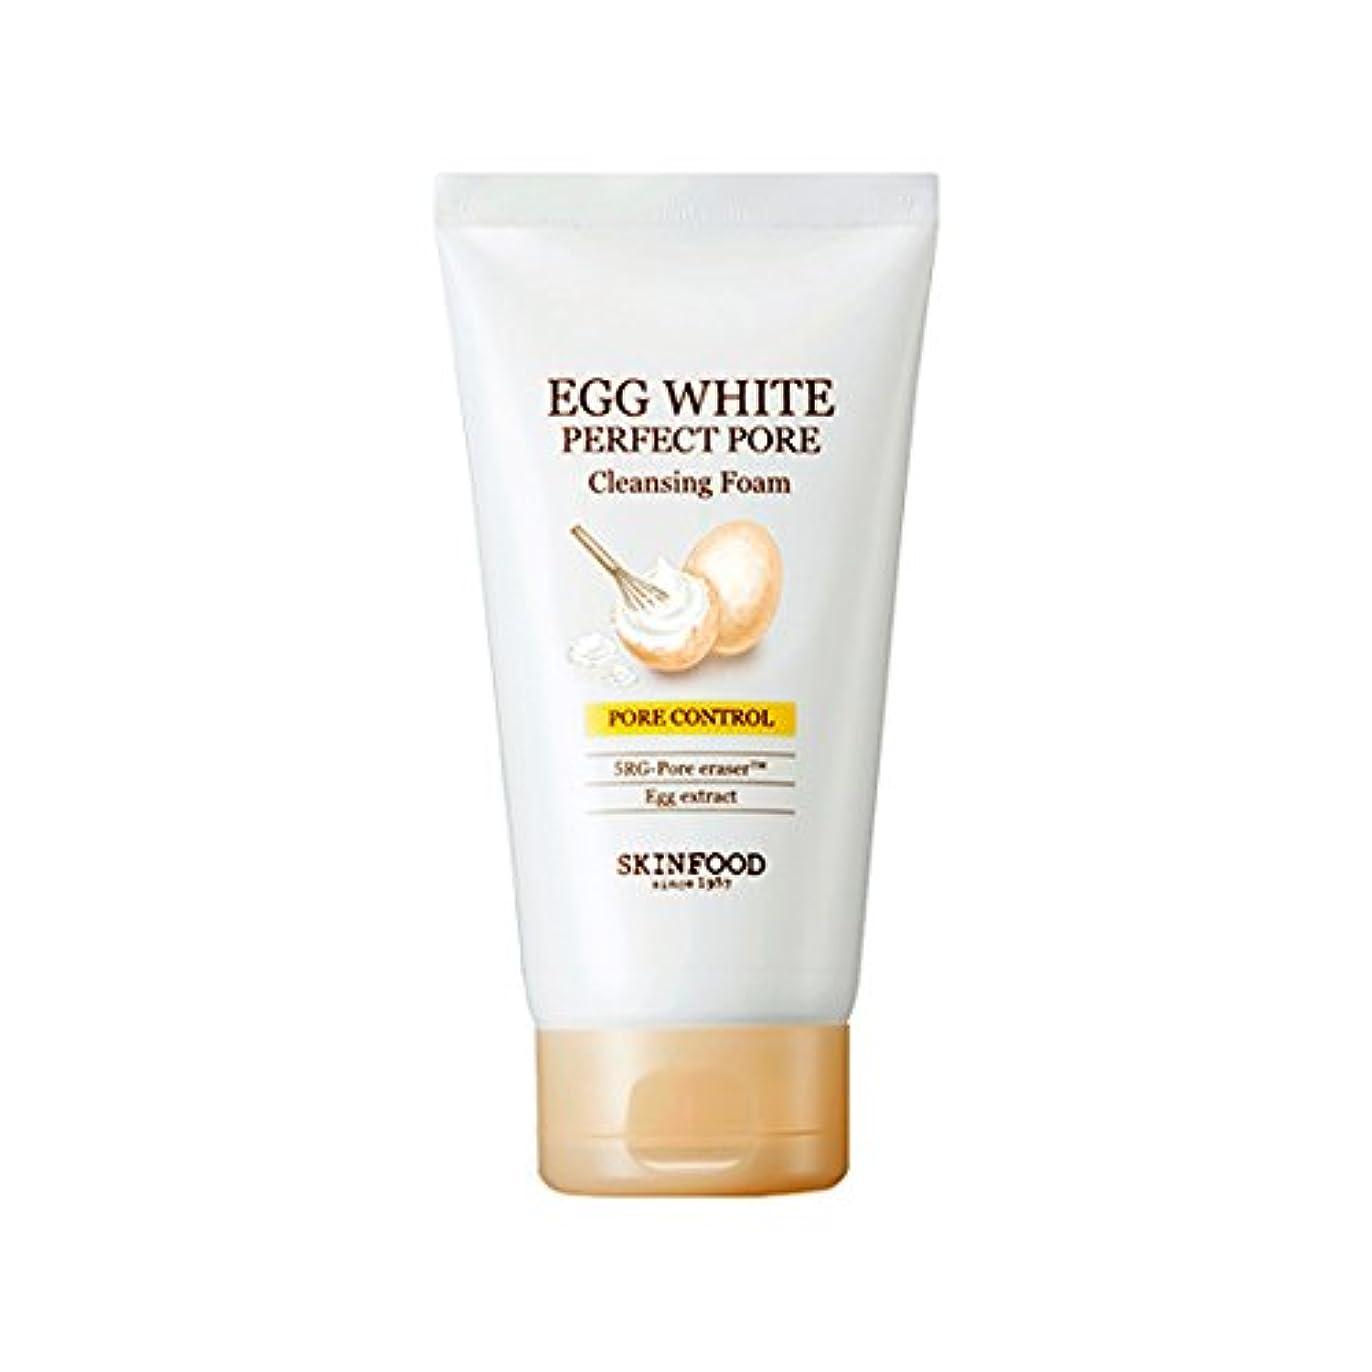 慈悲深い引き受けるやめる[2017 New] SKINFOOD Egg White Perfect Pore Cleansing Foam 150ml/スキンフード エッグ ホワイト パーフェクト ポア クレンジング フォーム 150ml [並行輸入品]